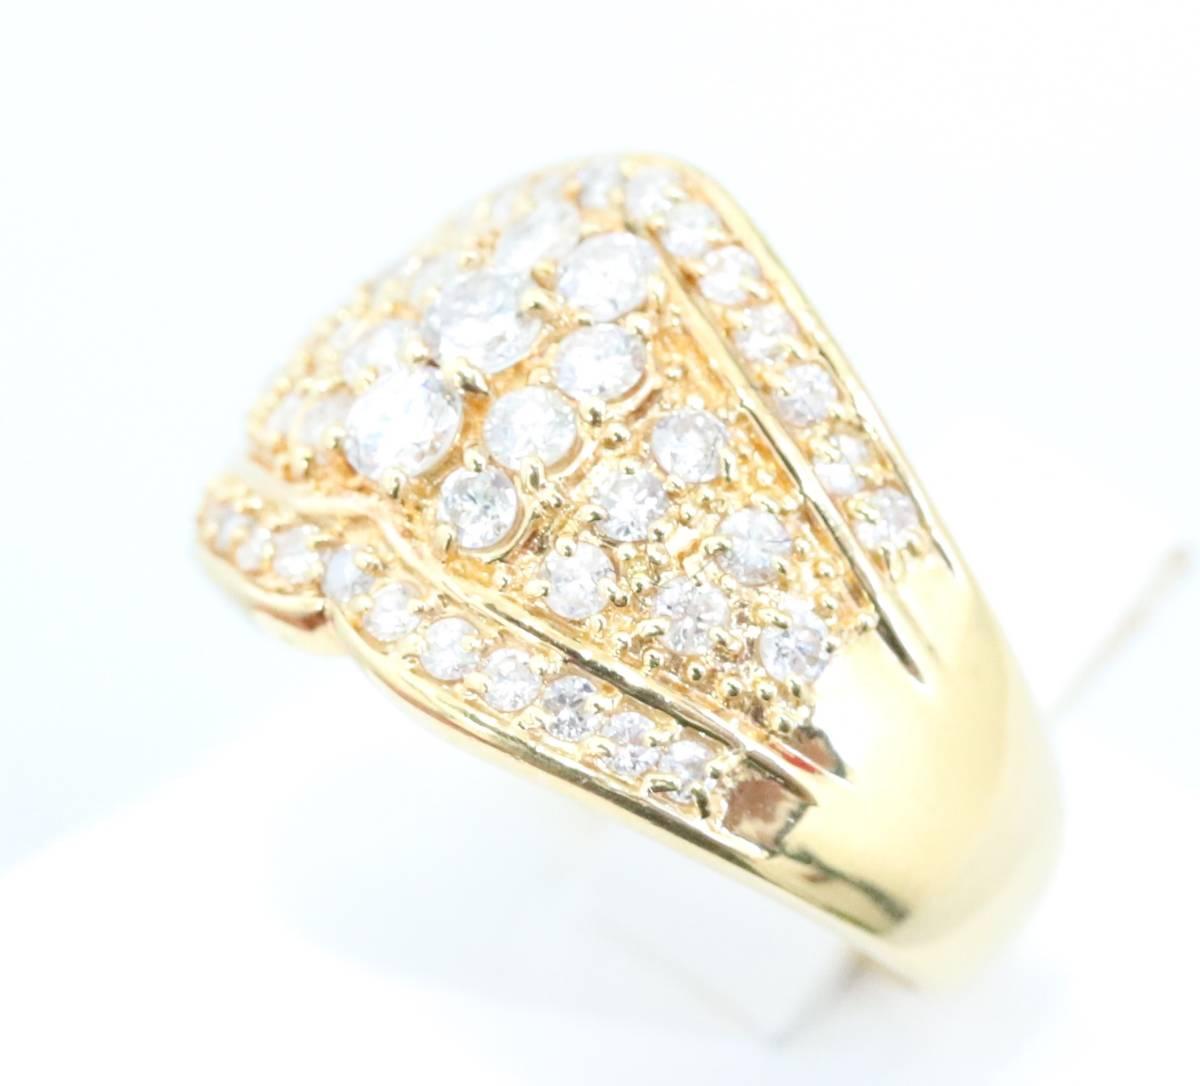 【1円スタート】 ♪★豪華な輝き★天然ダイヤモンド1.03ct K18リング♪ Jewel de Coco_画像6